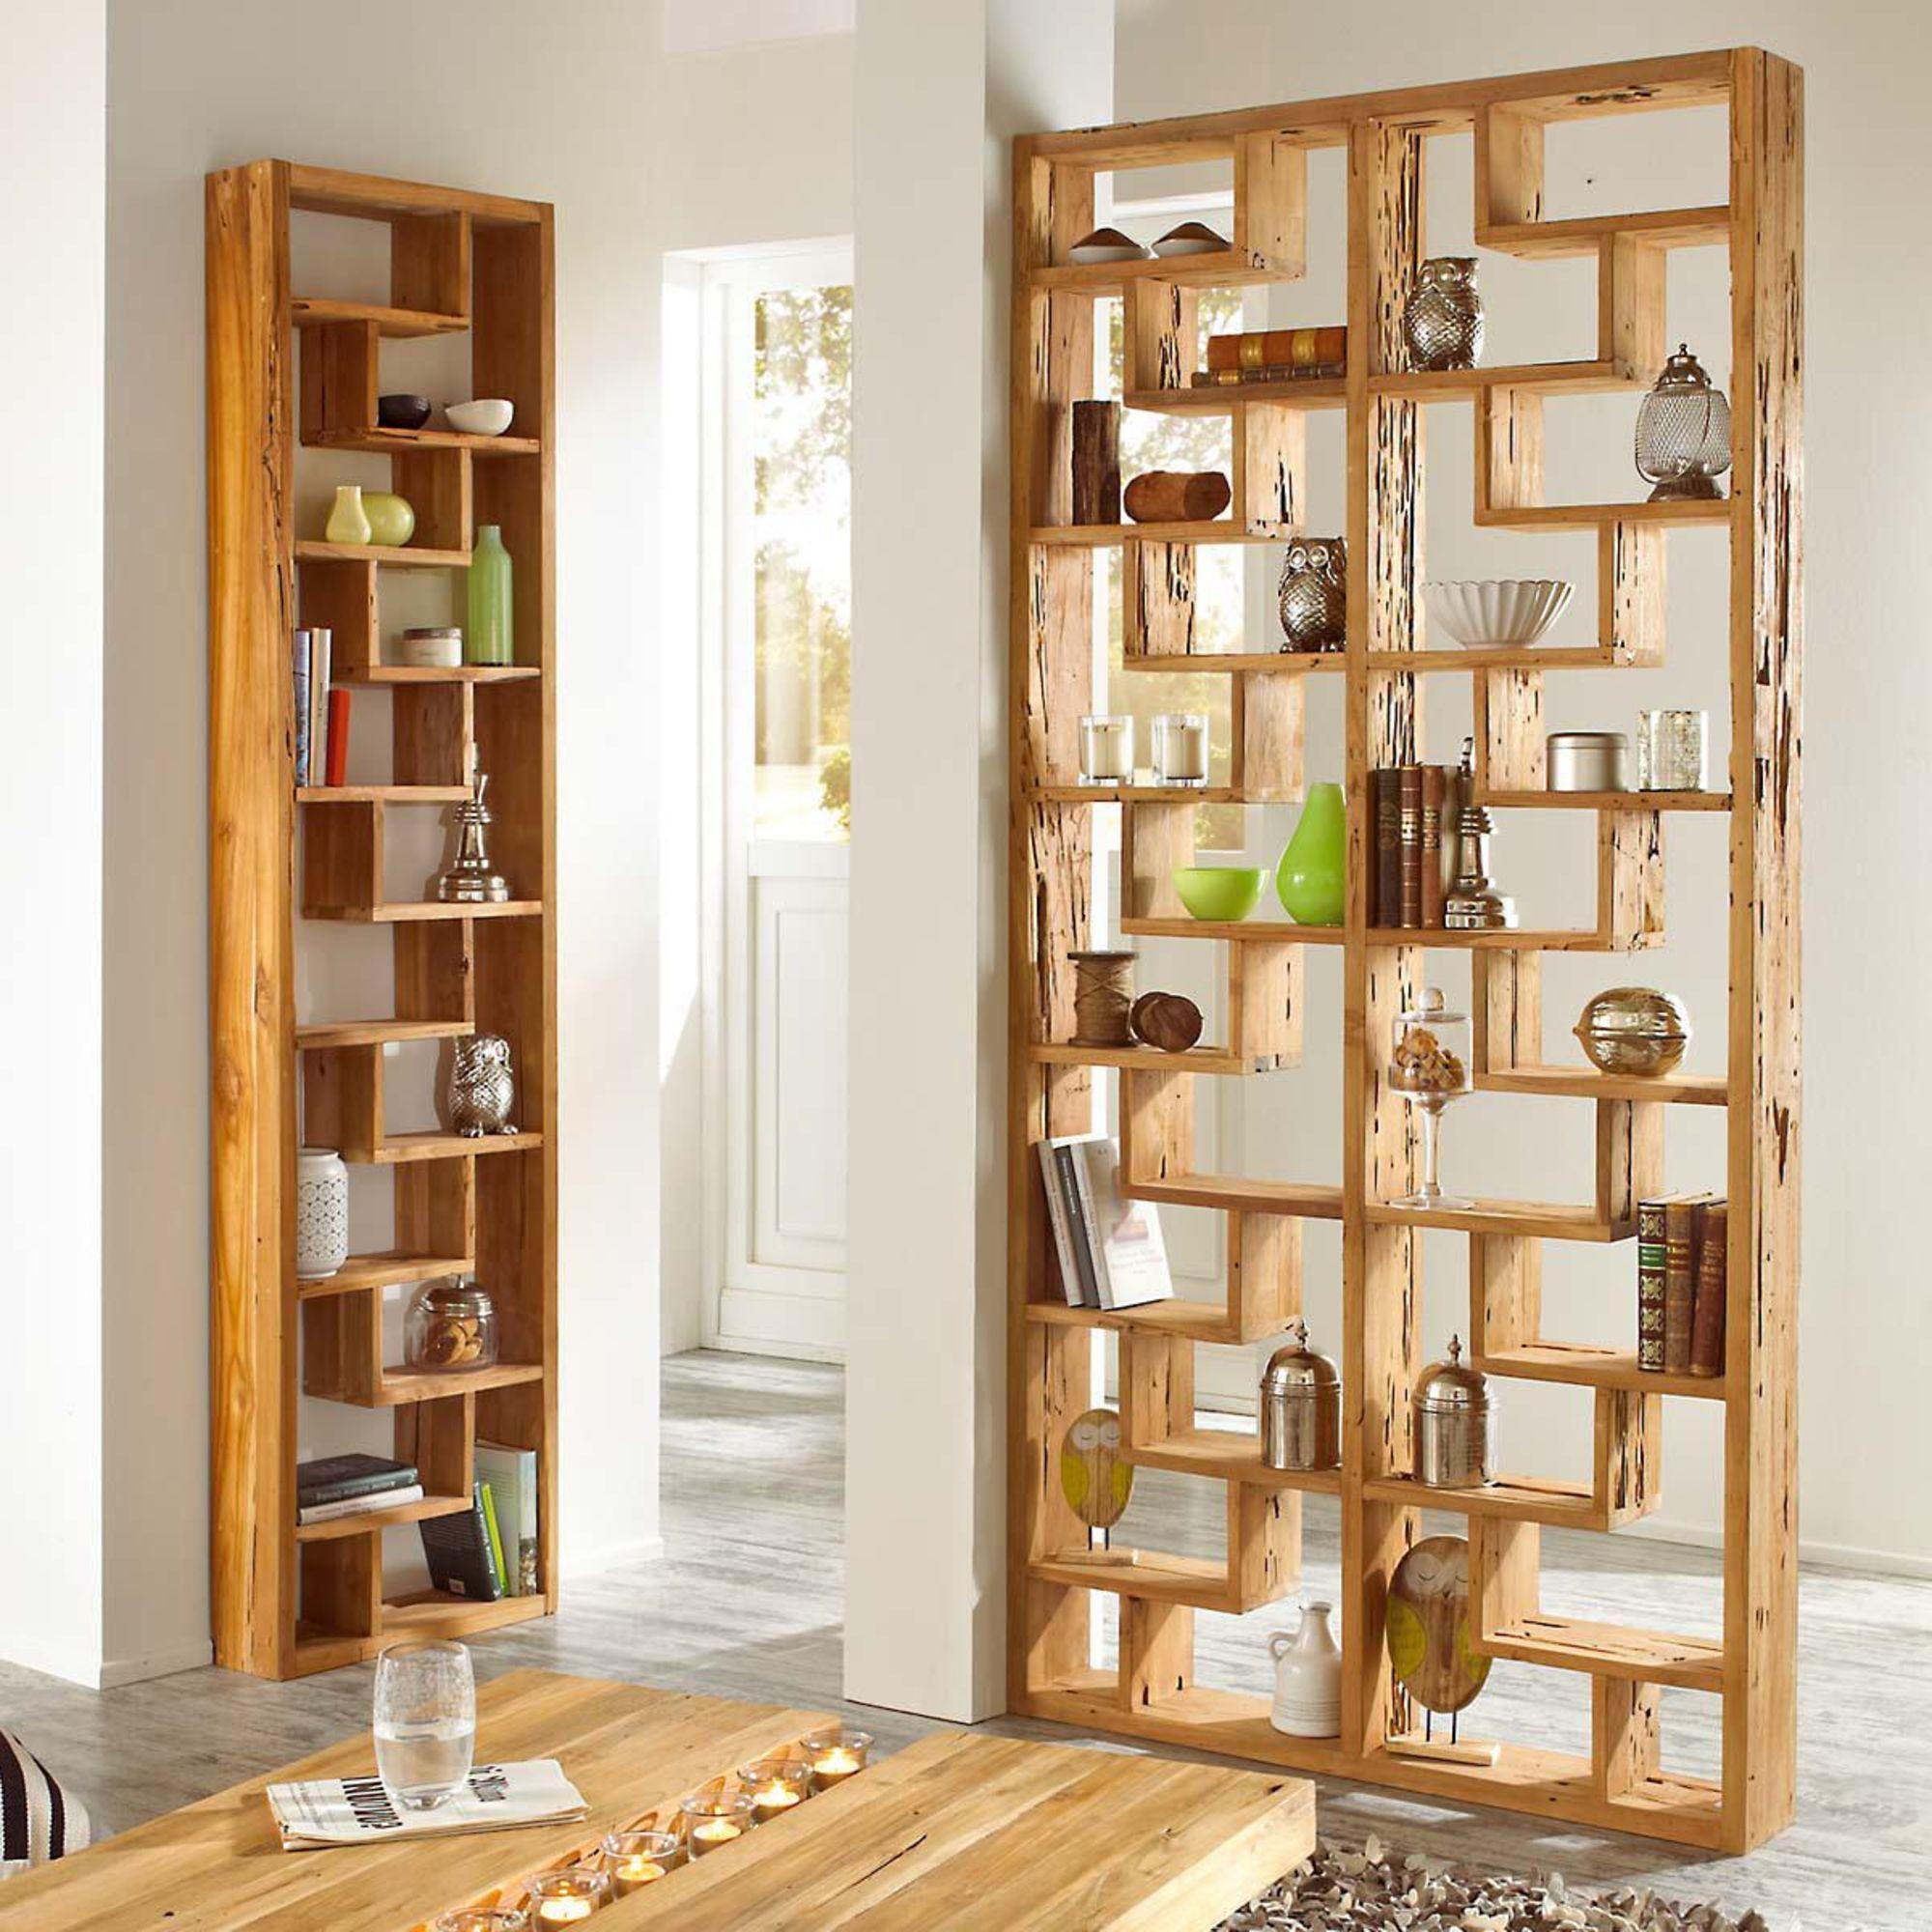 Trennwand Aus Holz Im Schlafzimmer: Raumteiler, Woody, Teak-Holz